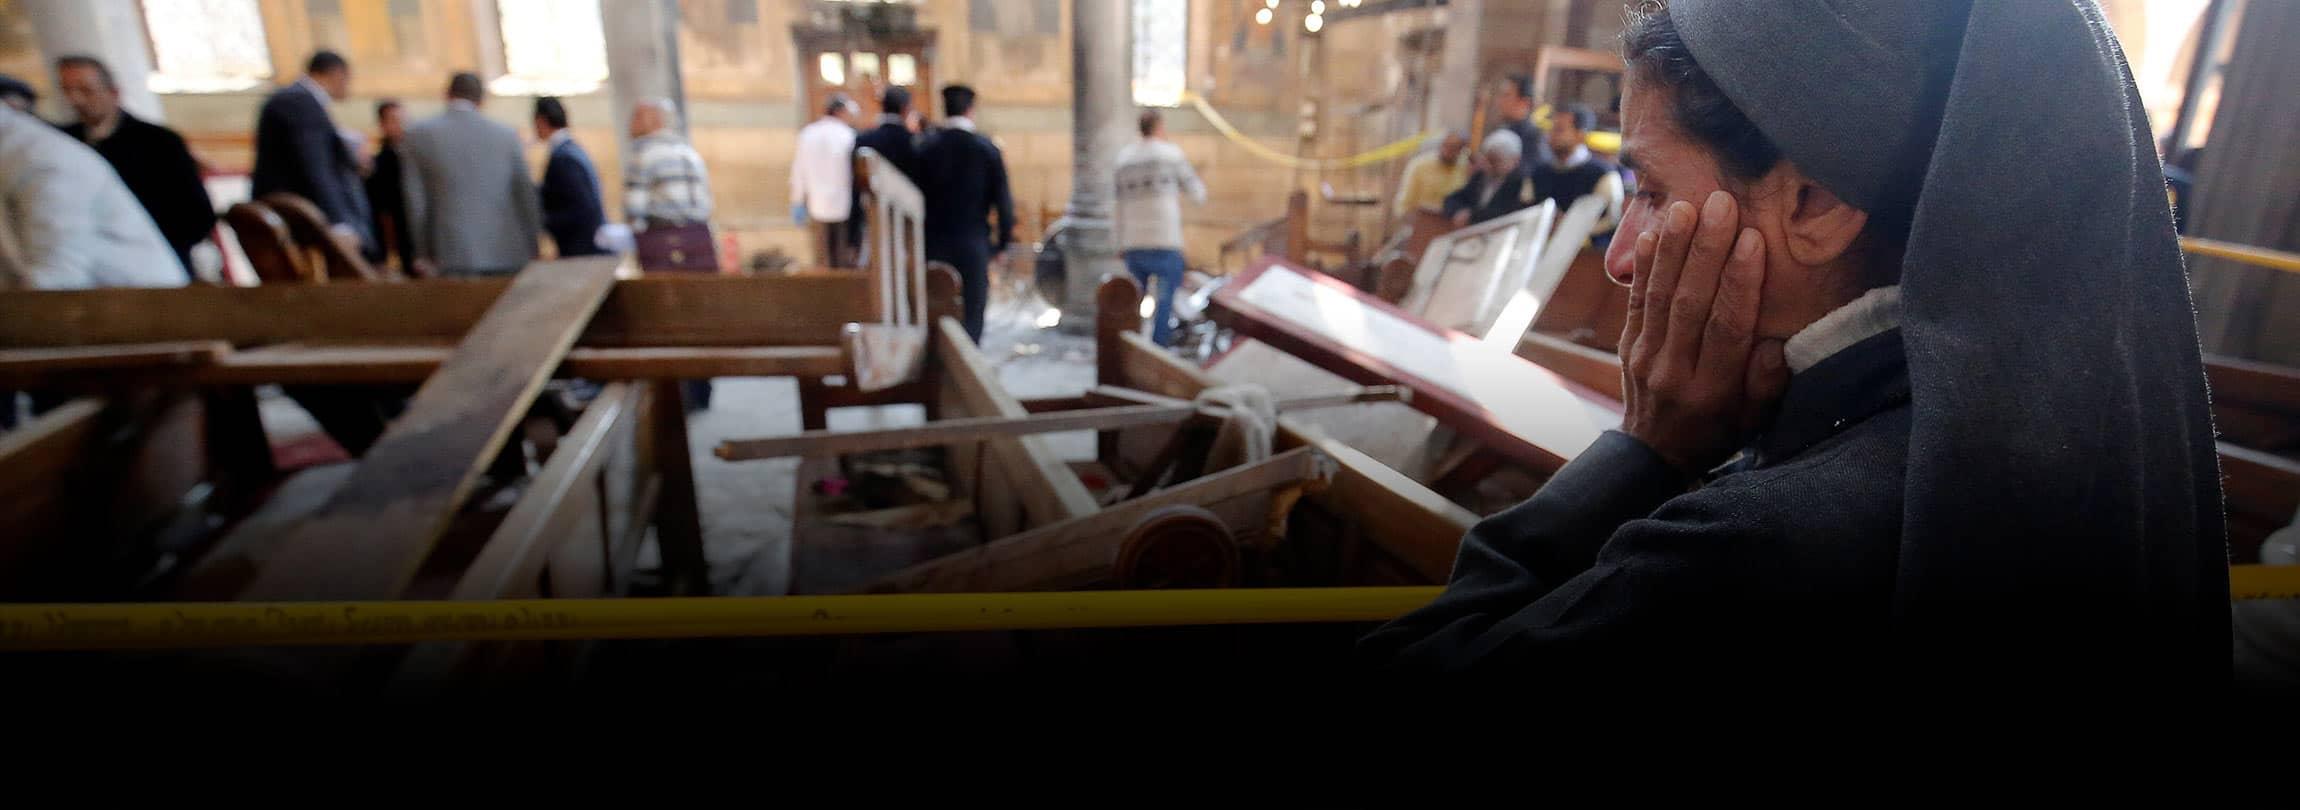 Os cristãos que sofrem no Egito